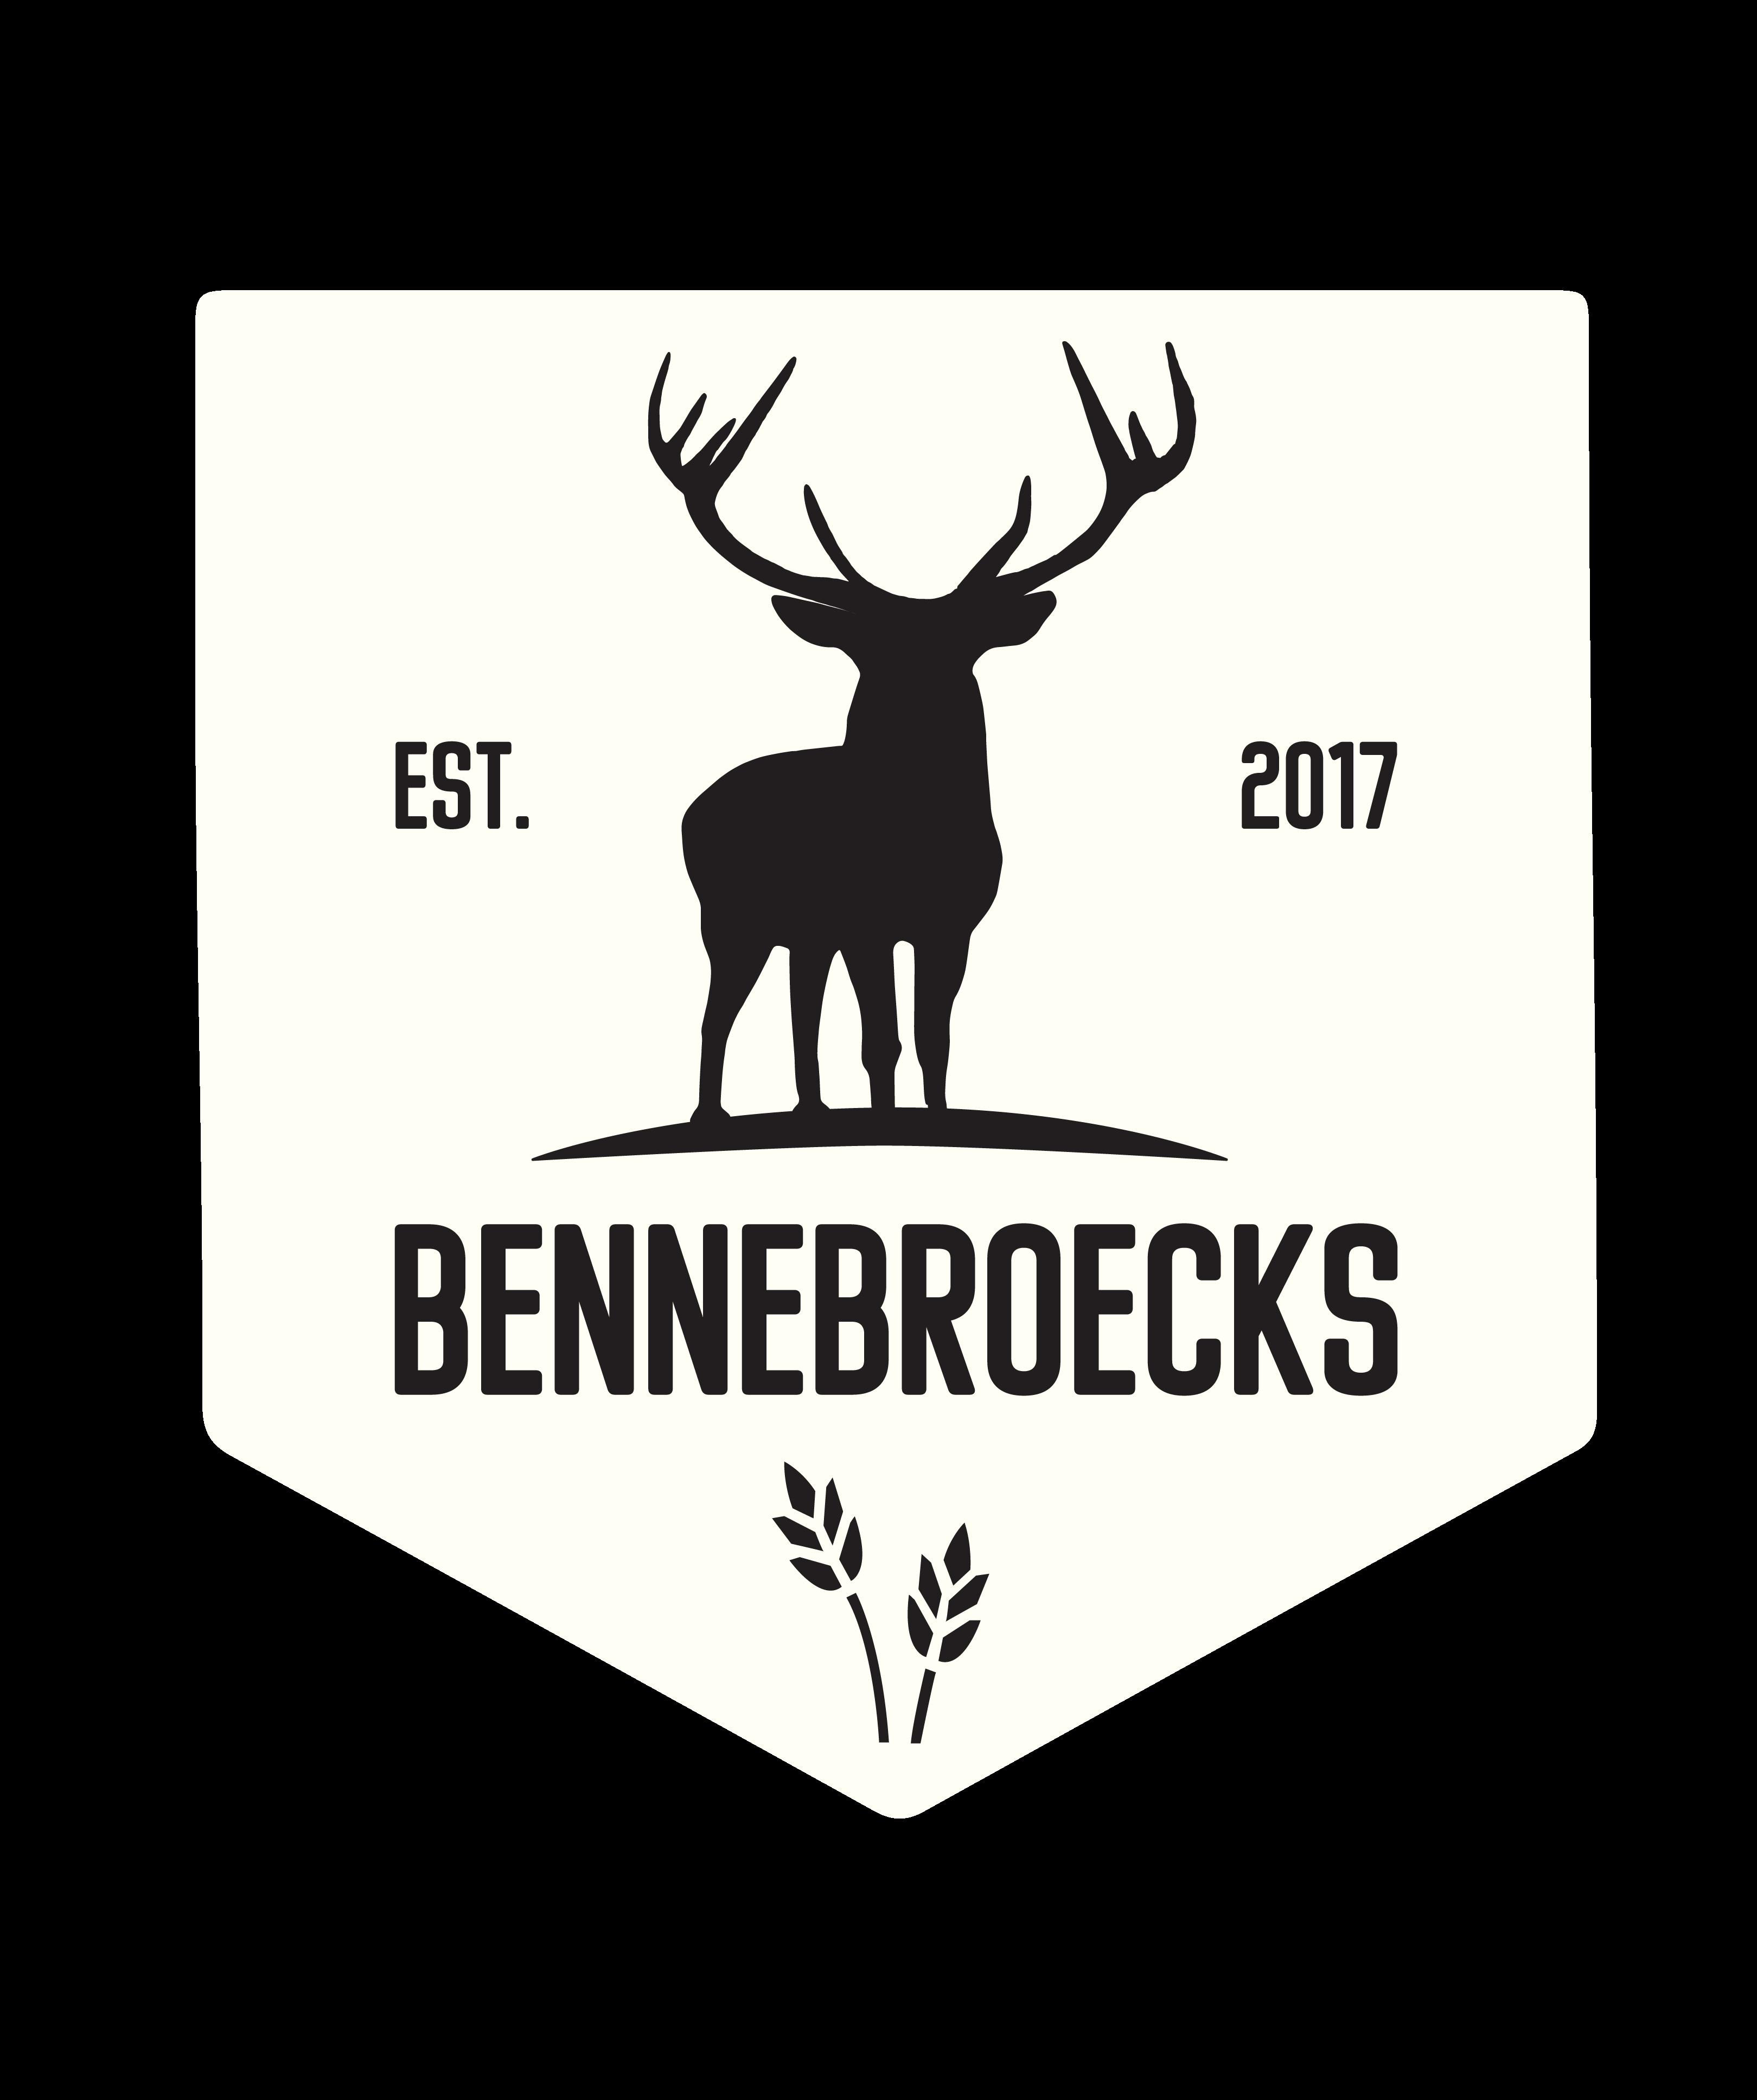 Logo van Bennebroecks gevestigd in Bennebroek uit Nederland